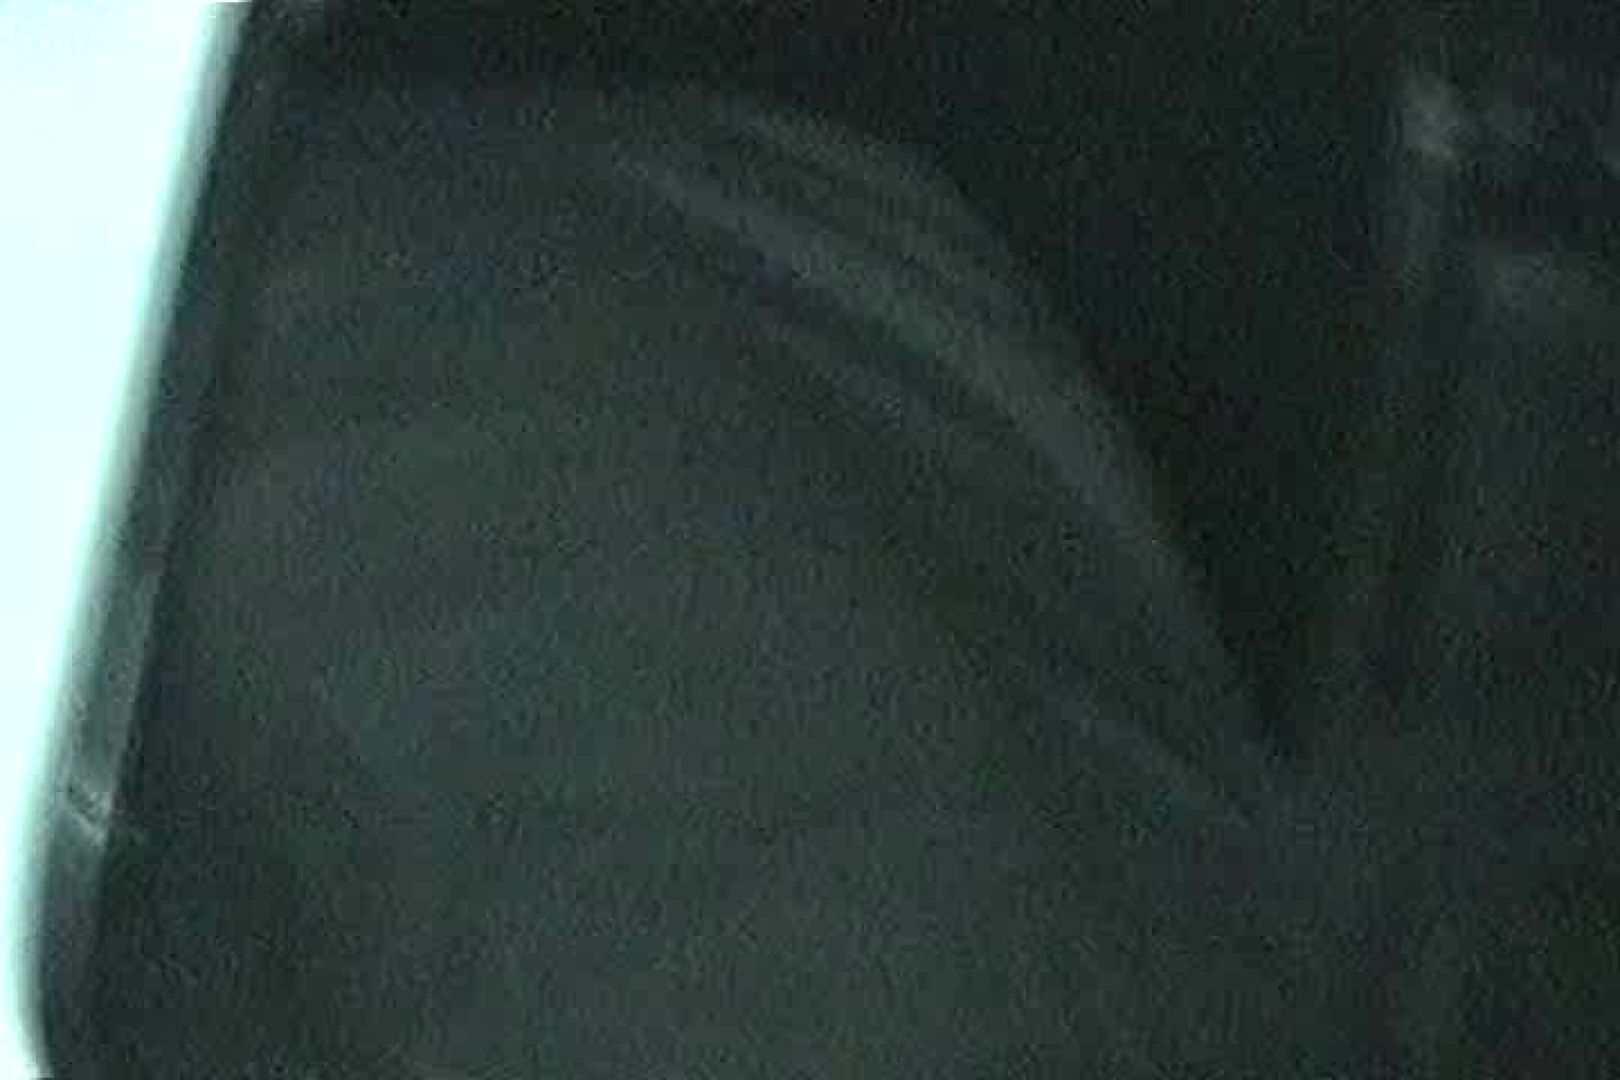 充血監督の深夜の運動会Vol.102 OLエロ画像 盗撮AV動画キャプチャ 95PICs 26